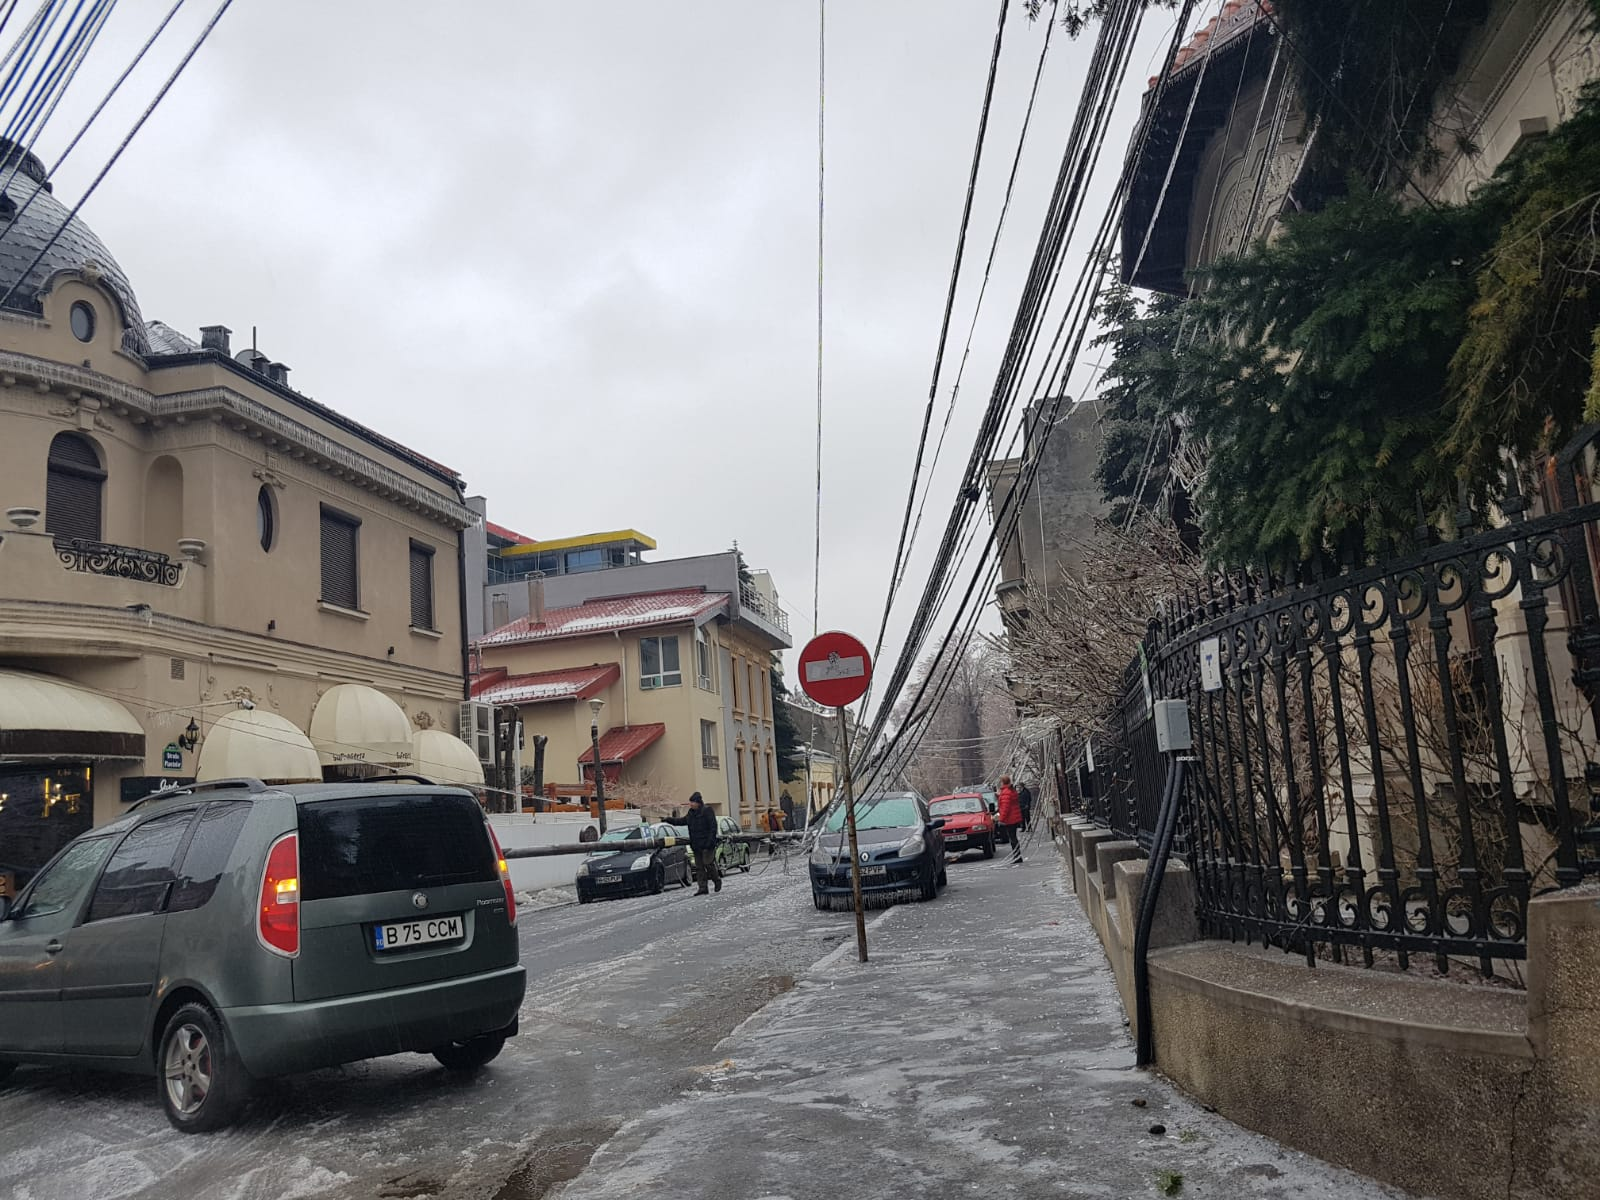 Bucuresti 2019-01-26 / 12.12.24